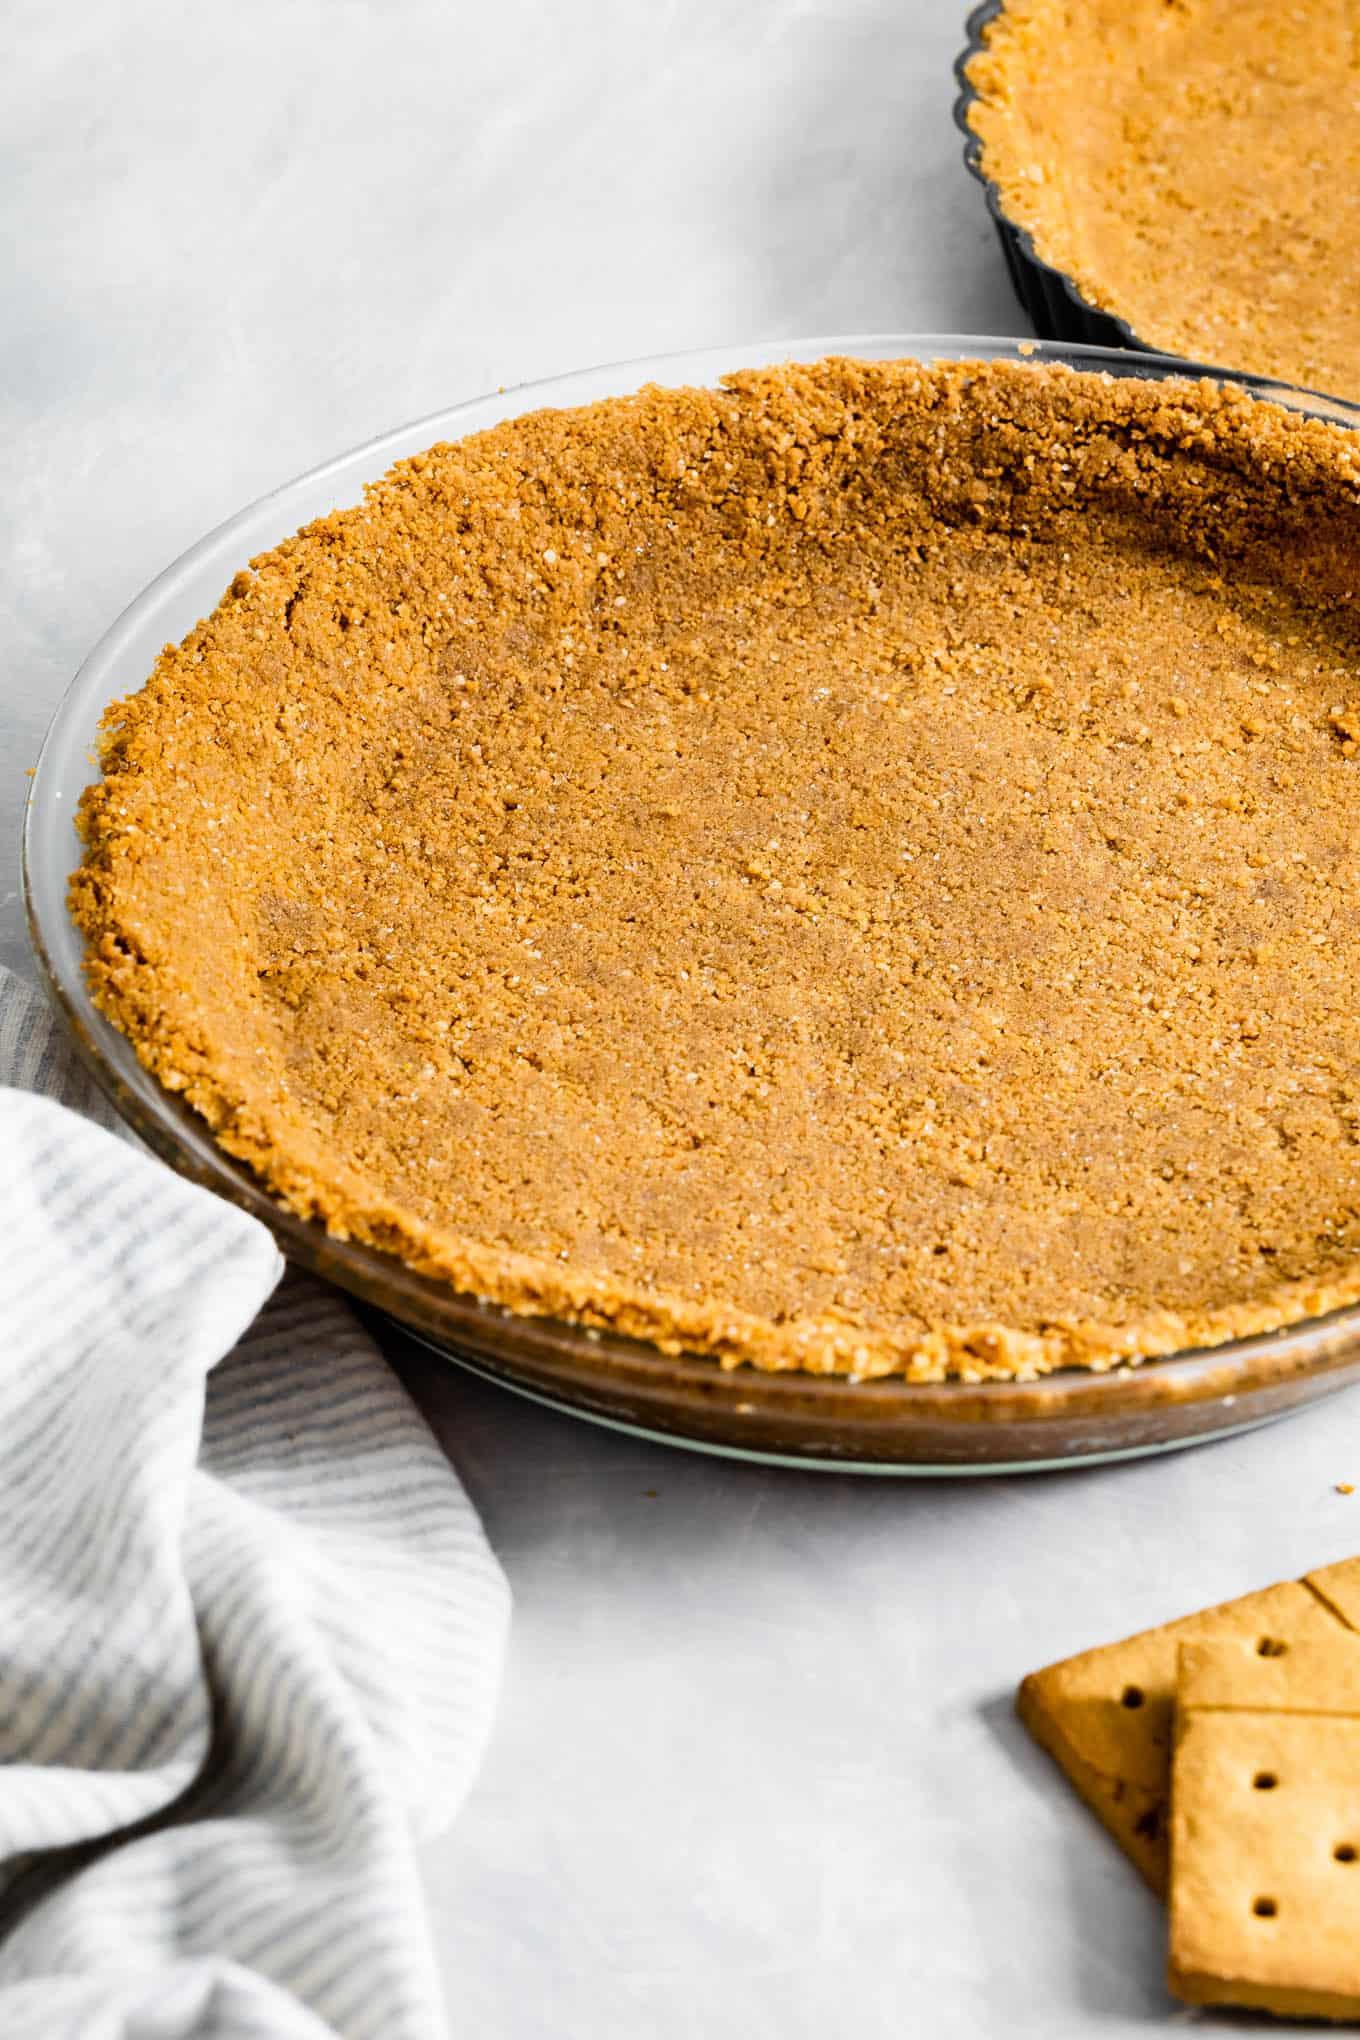 Gluten-Free Graham Cracker Crust in Pie Dish